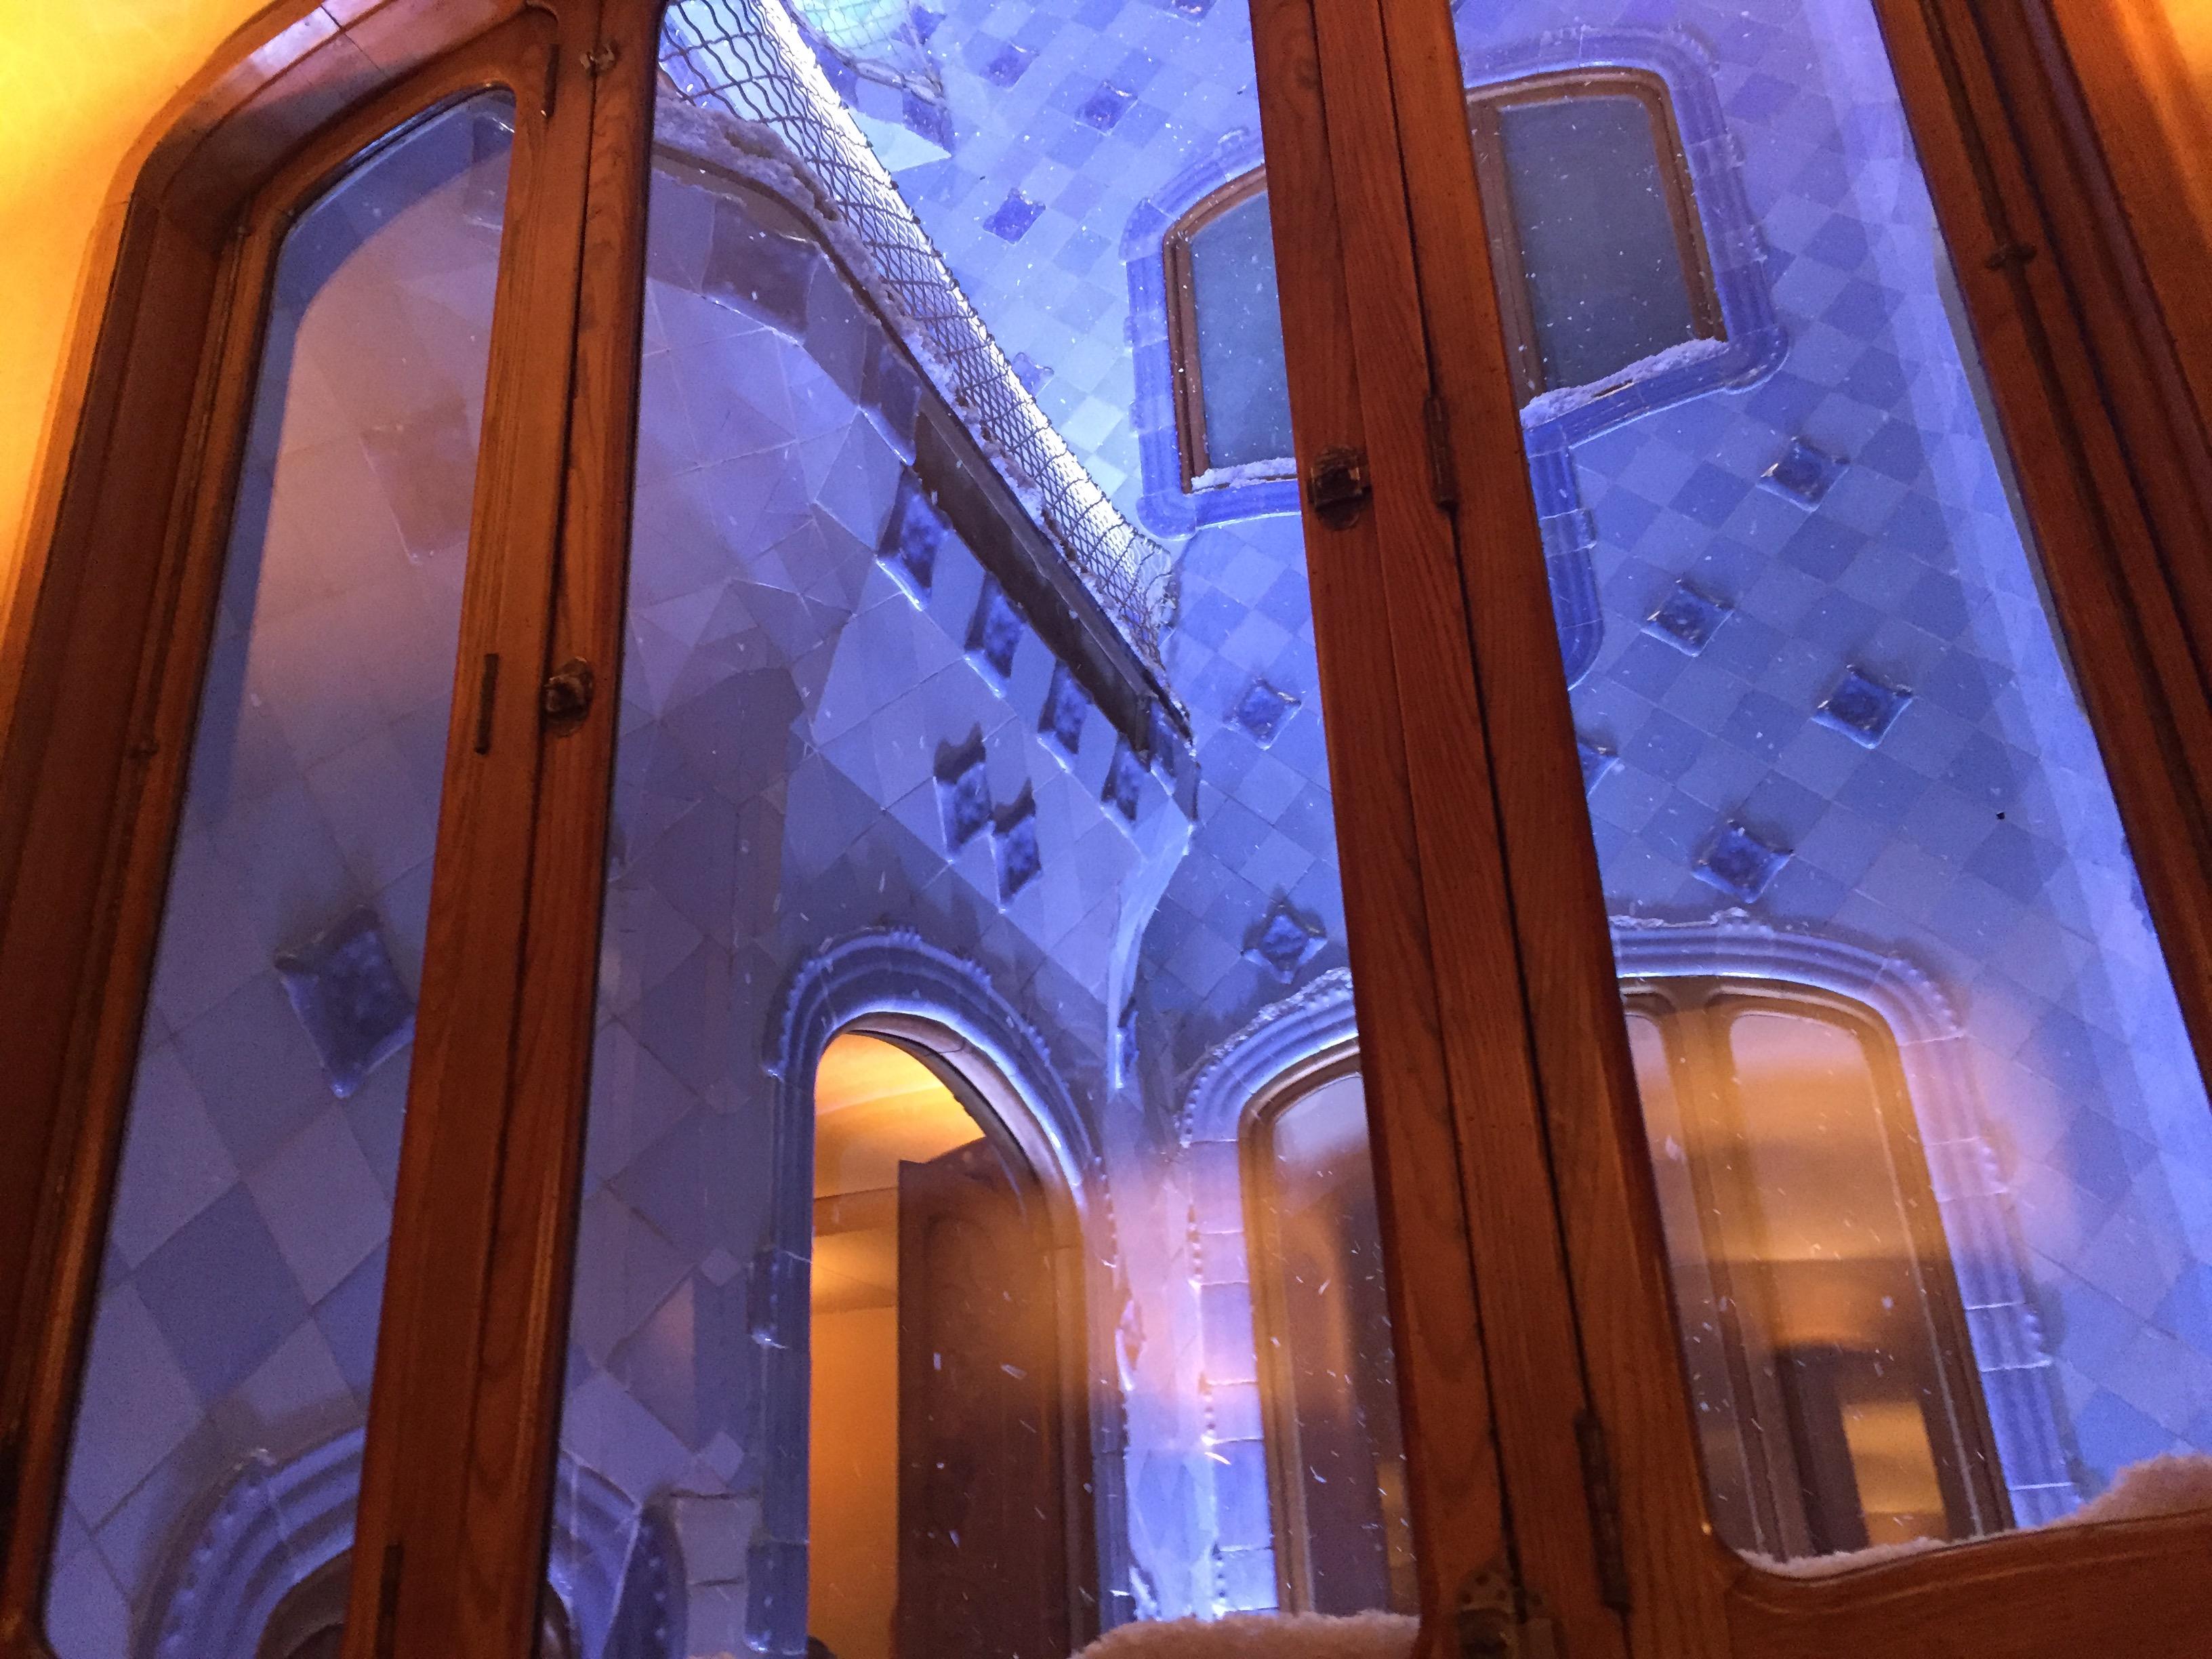 IMG 0857 - Visita a la Casa Batlló en Barcelona Parte II/II